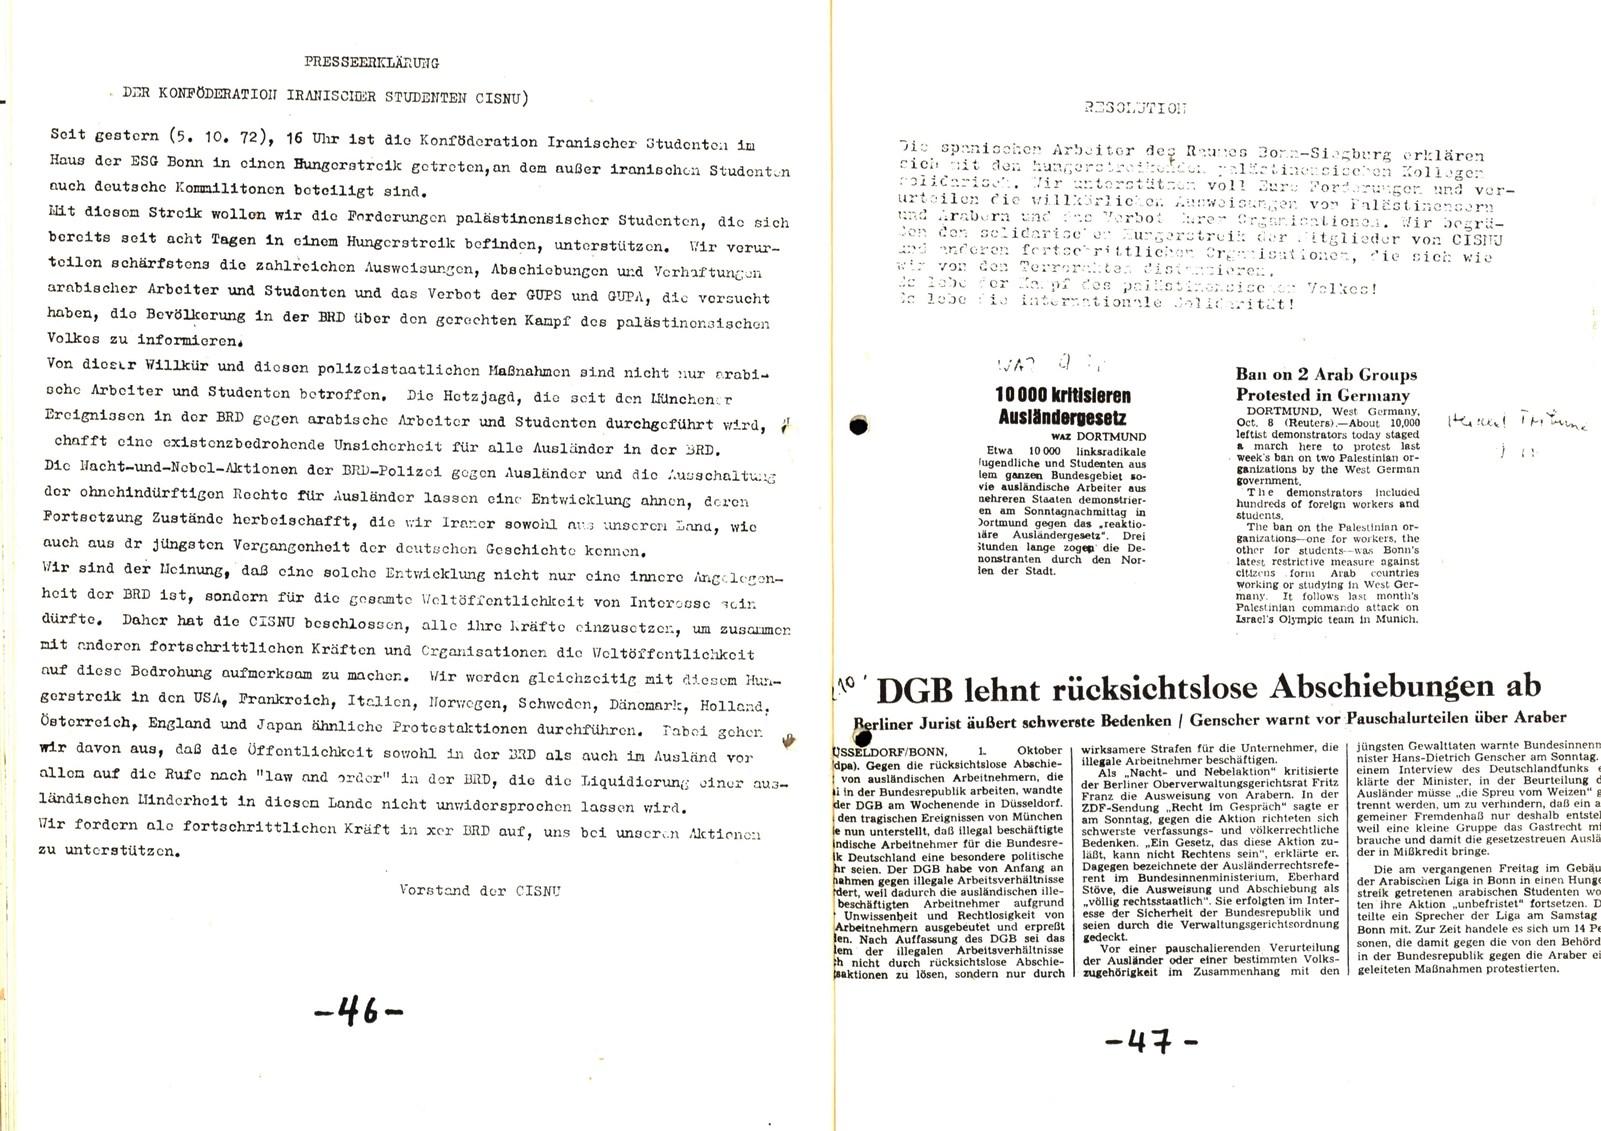 Bonn_Al_Thaura_19721000_24